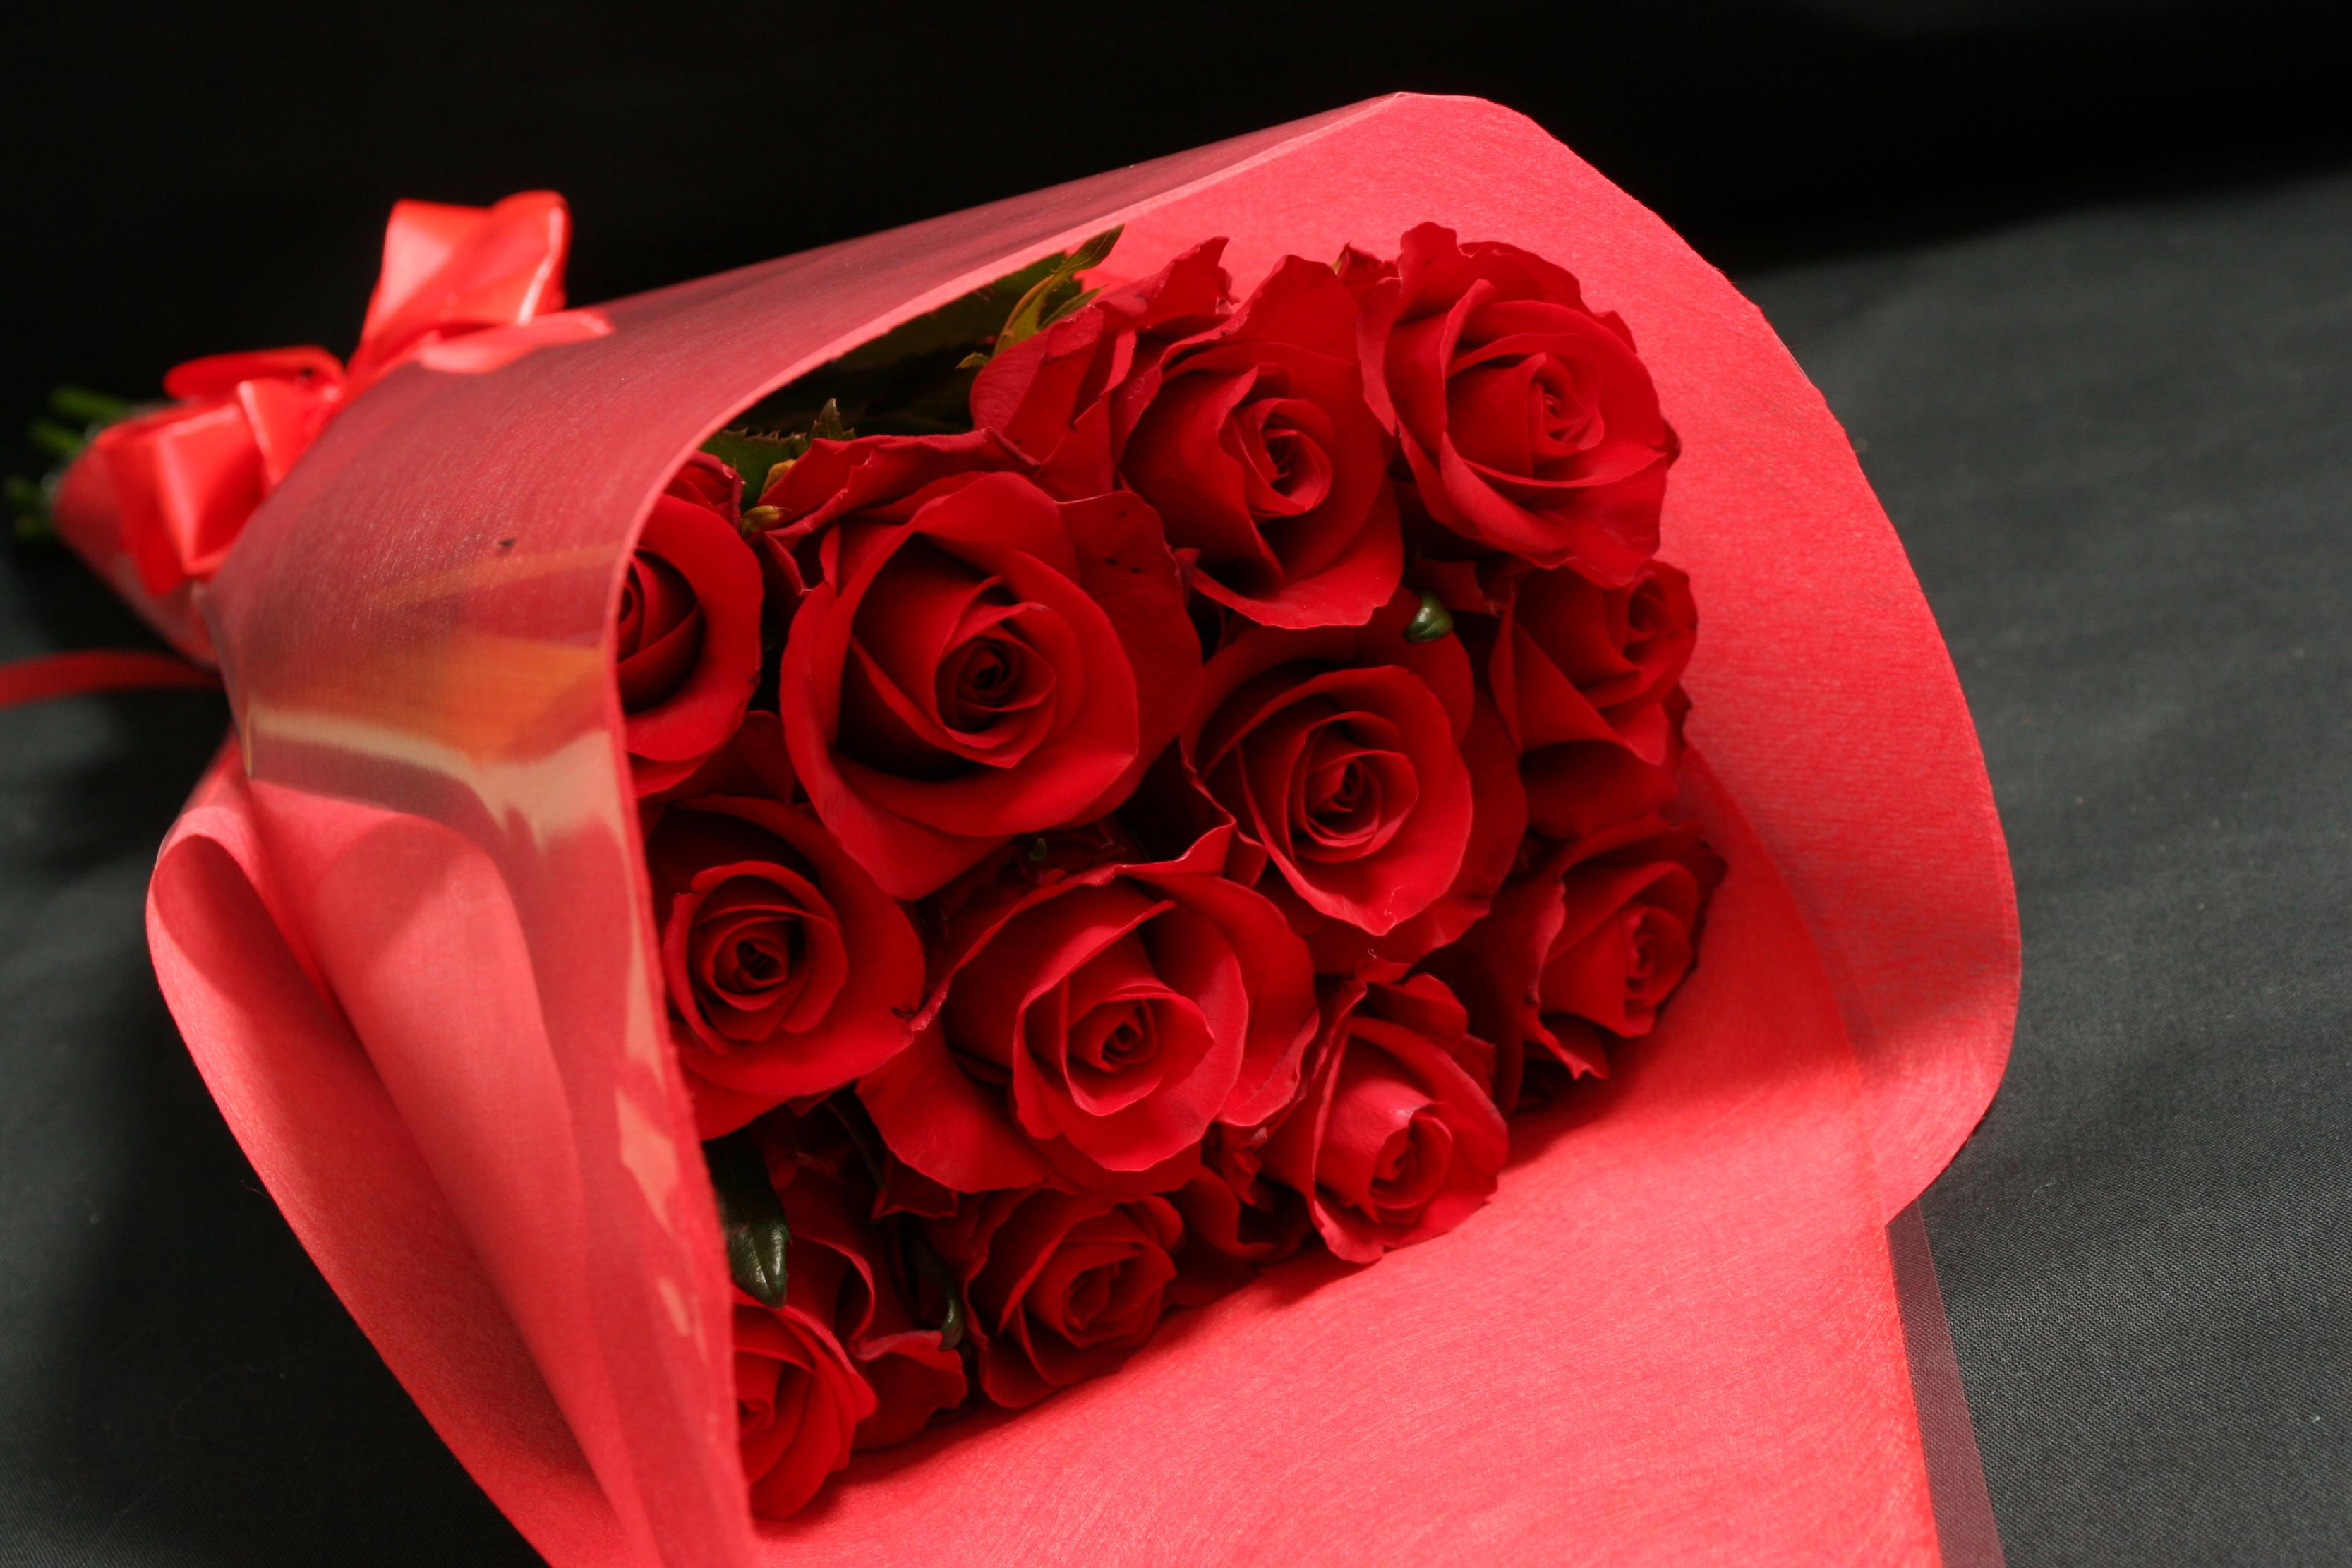 بالصور صور الورد , صورة ورد في غاية الجمال 4260 3